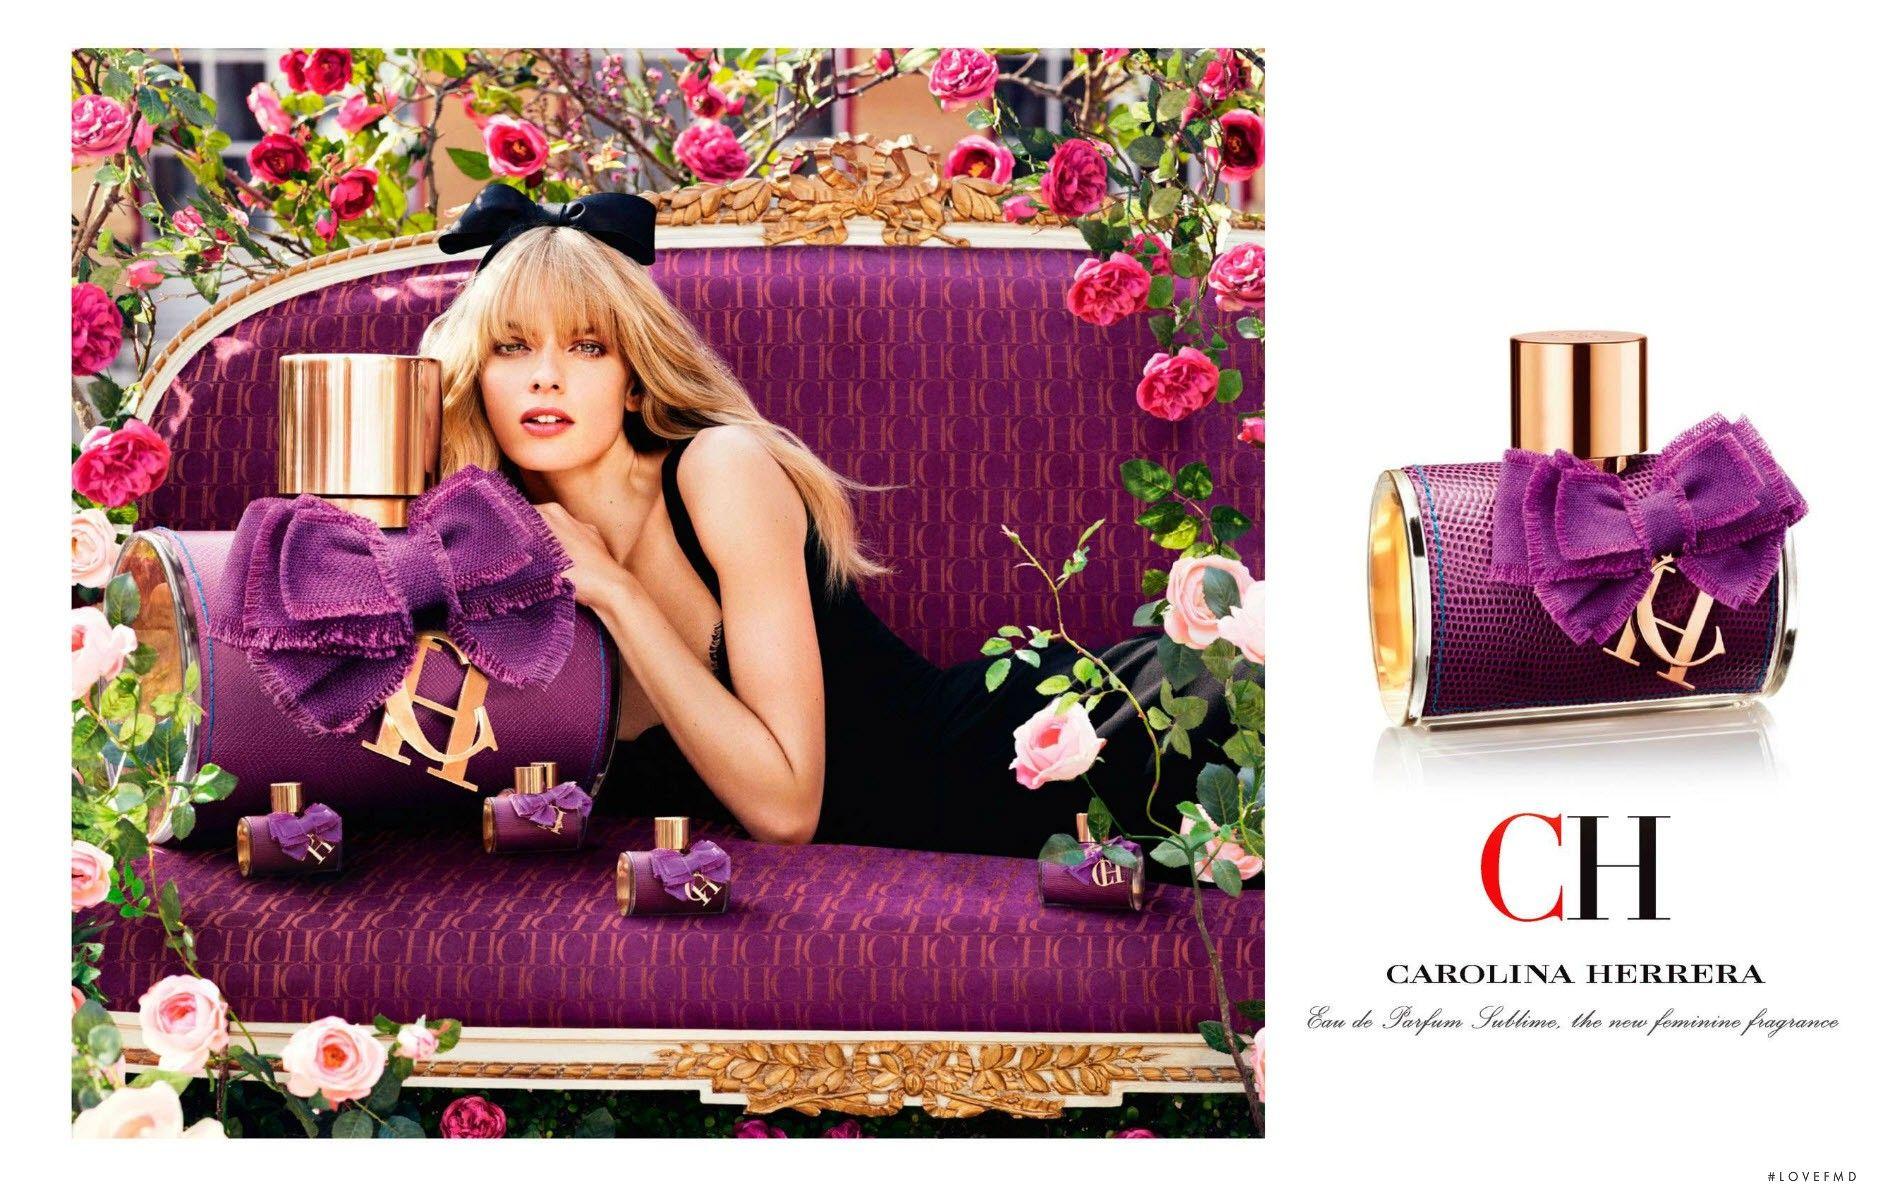 c9f3c000a9 Carolina Herrera Perfume Ad | Design Ads Perfume | Carolina herrera ...